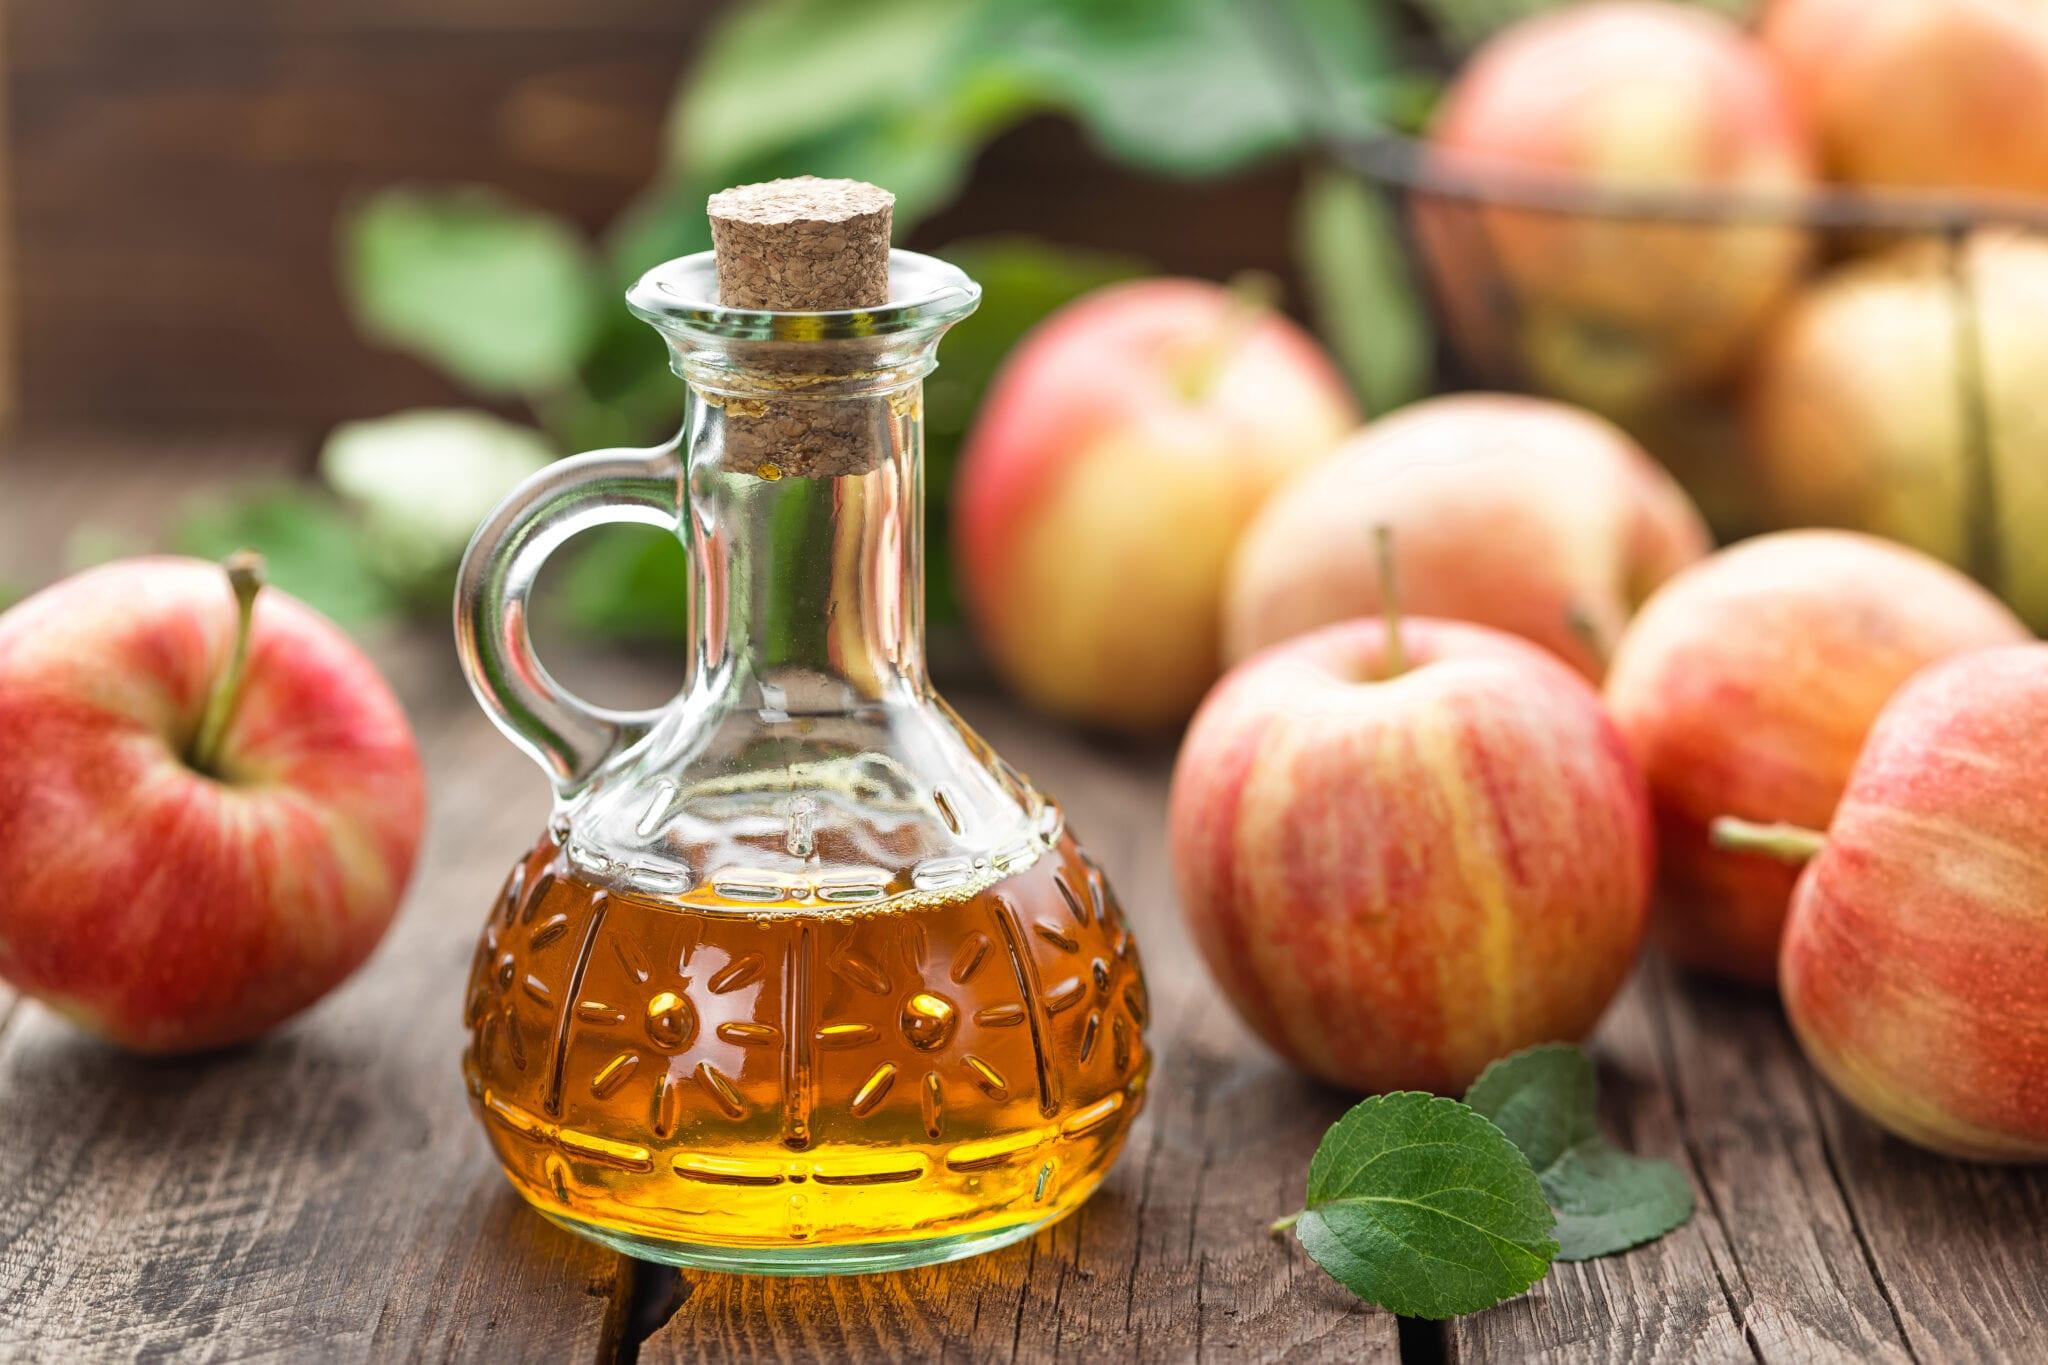 Apple Cider Vinegar: Health benefits and risks